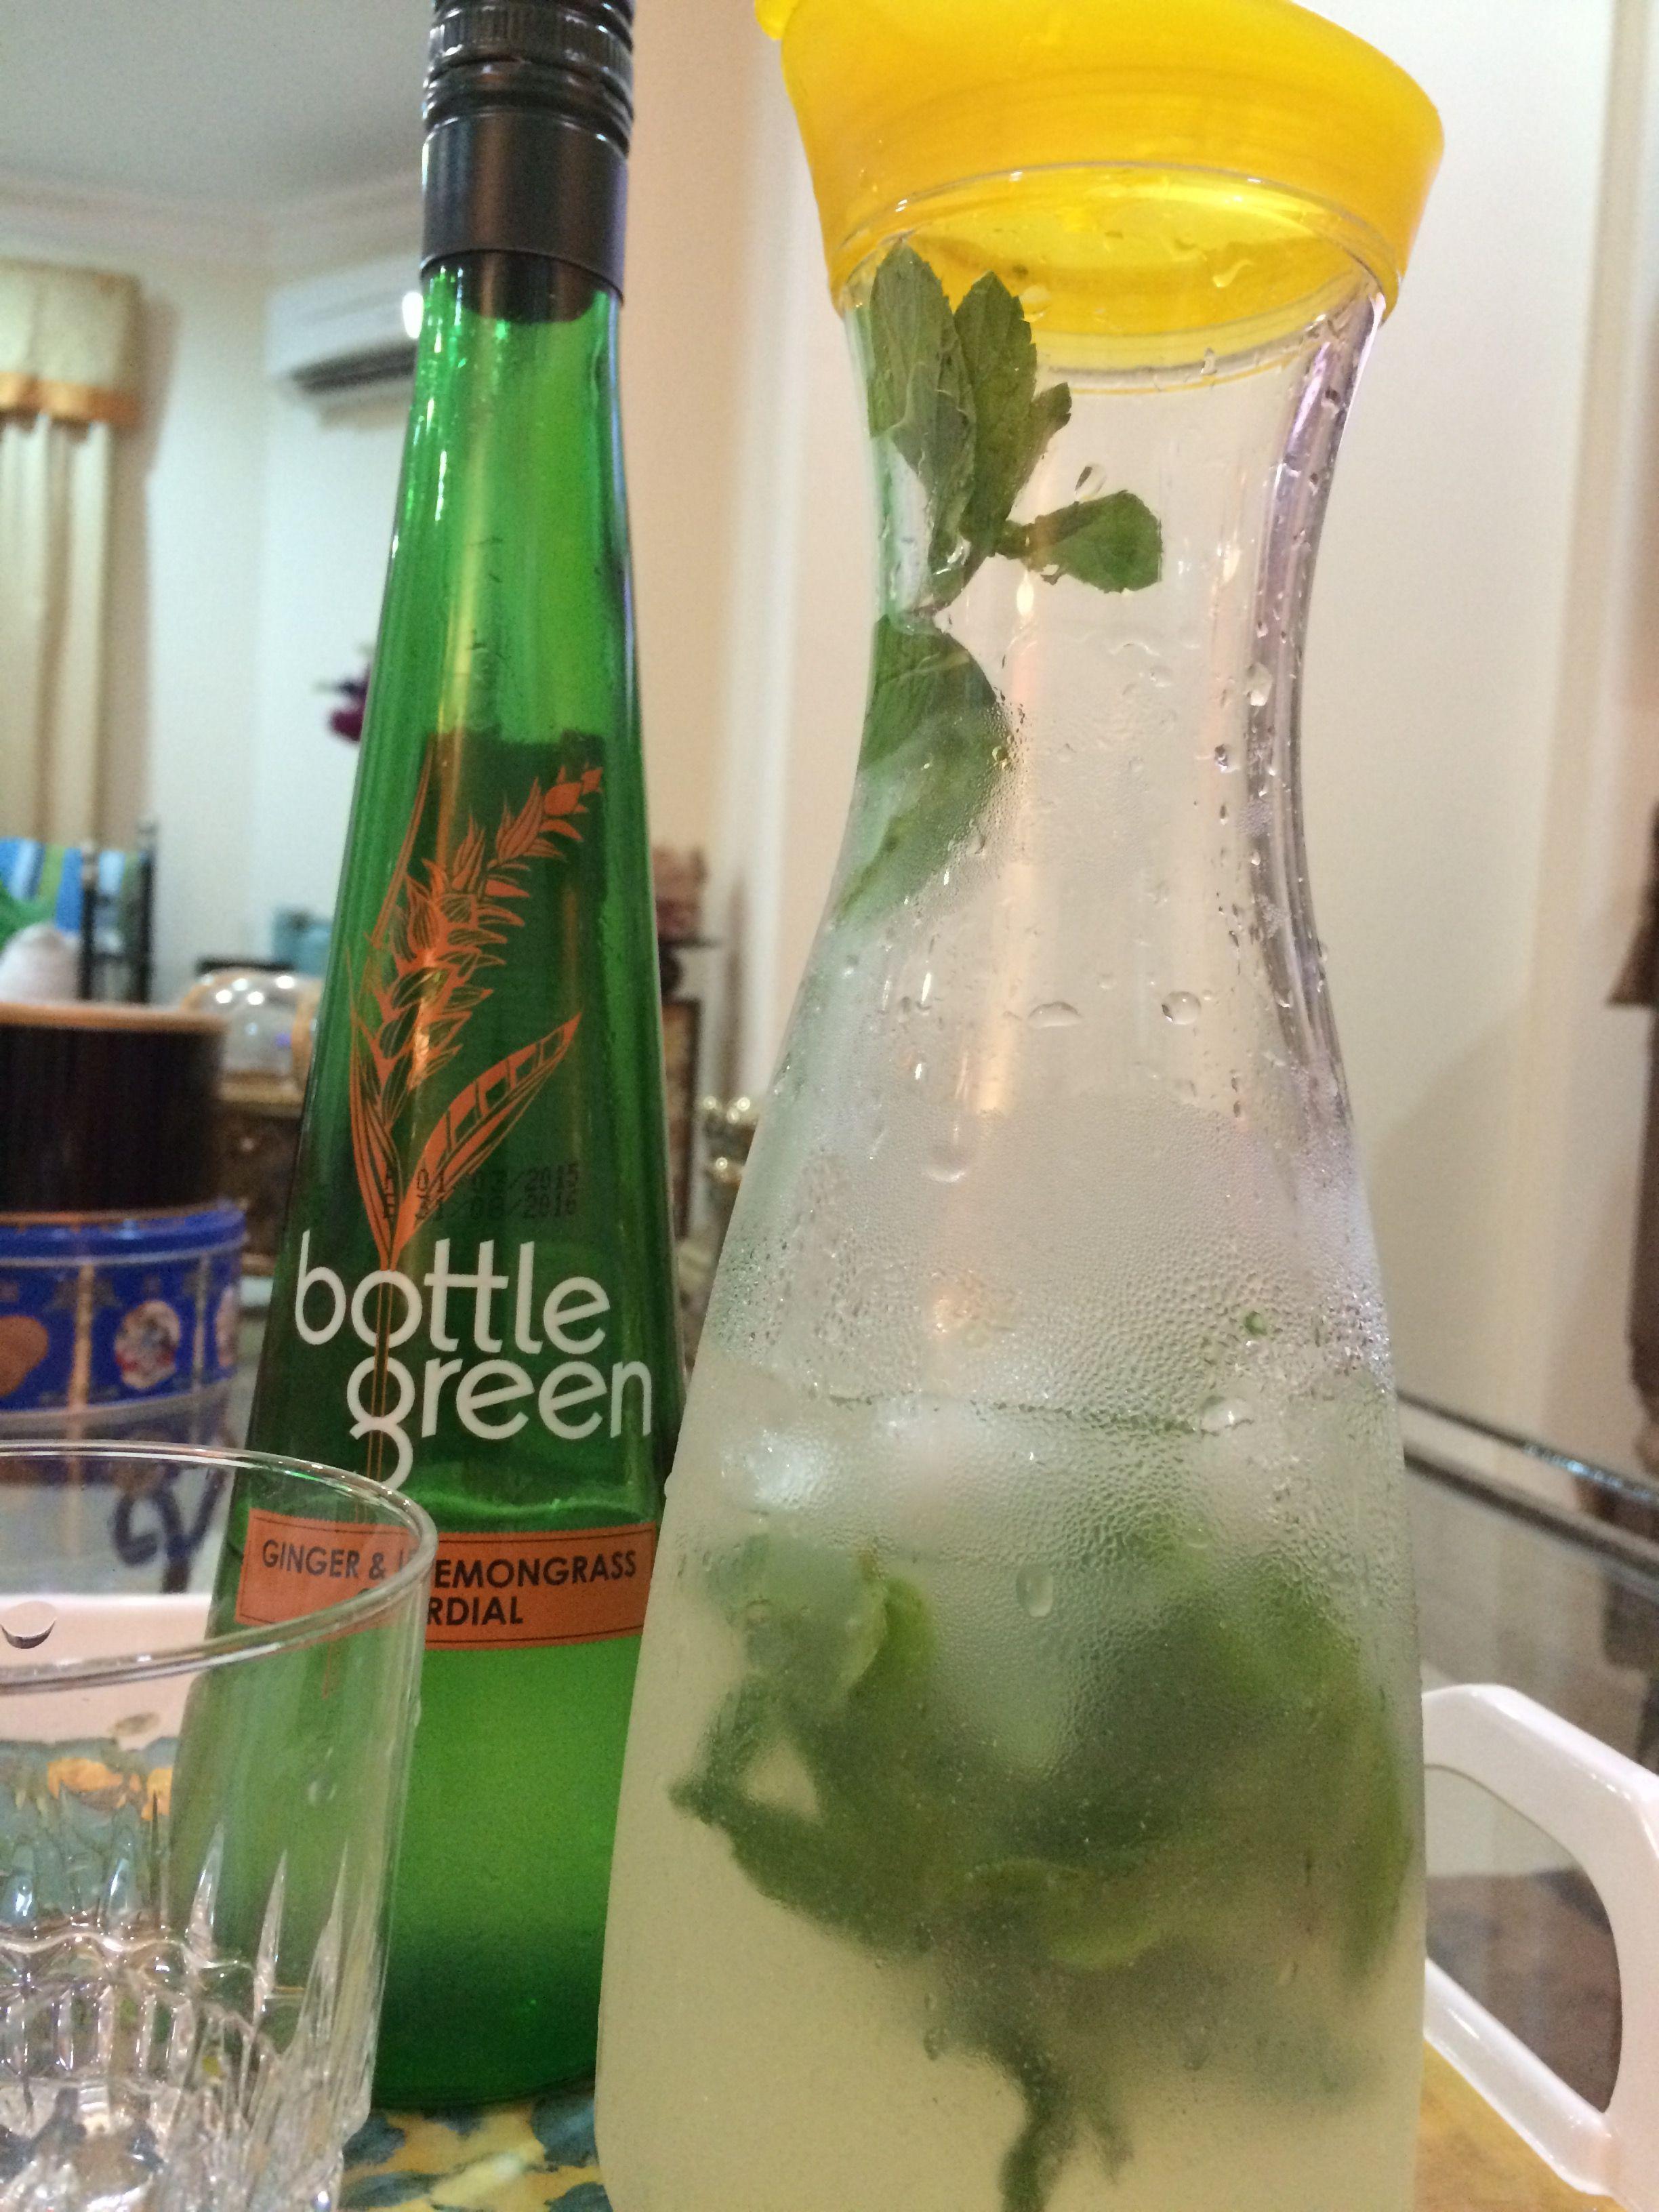 ربع كوب من عصير بوتل غرين زنجبيل وعشبة الليمون ٤ ليمونات خضر معصورات عصير ليمون المراعي حجم صغير زجاجة ماء فوارة Green Bottle Dish Soap Bottle Soap Bottle